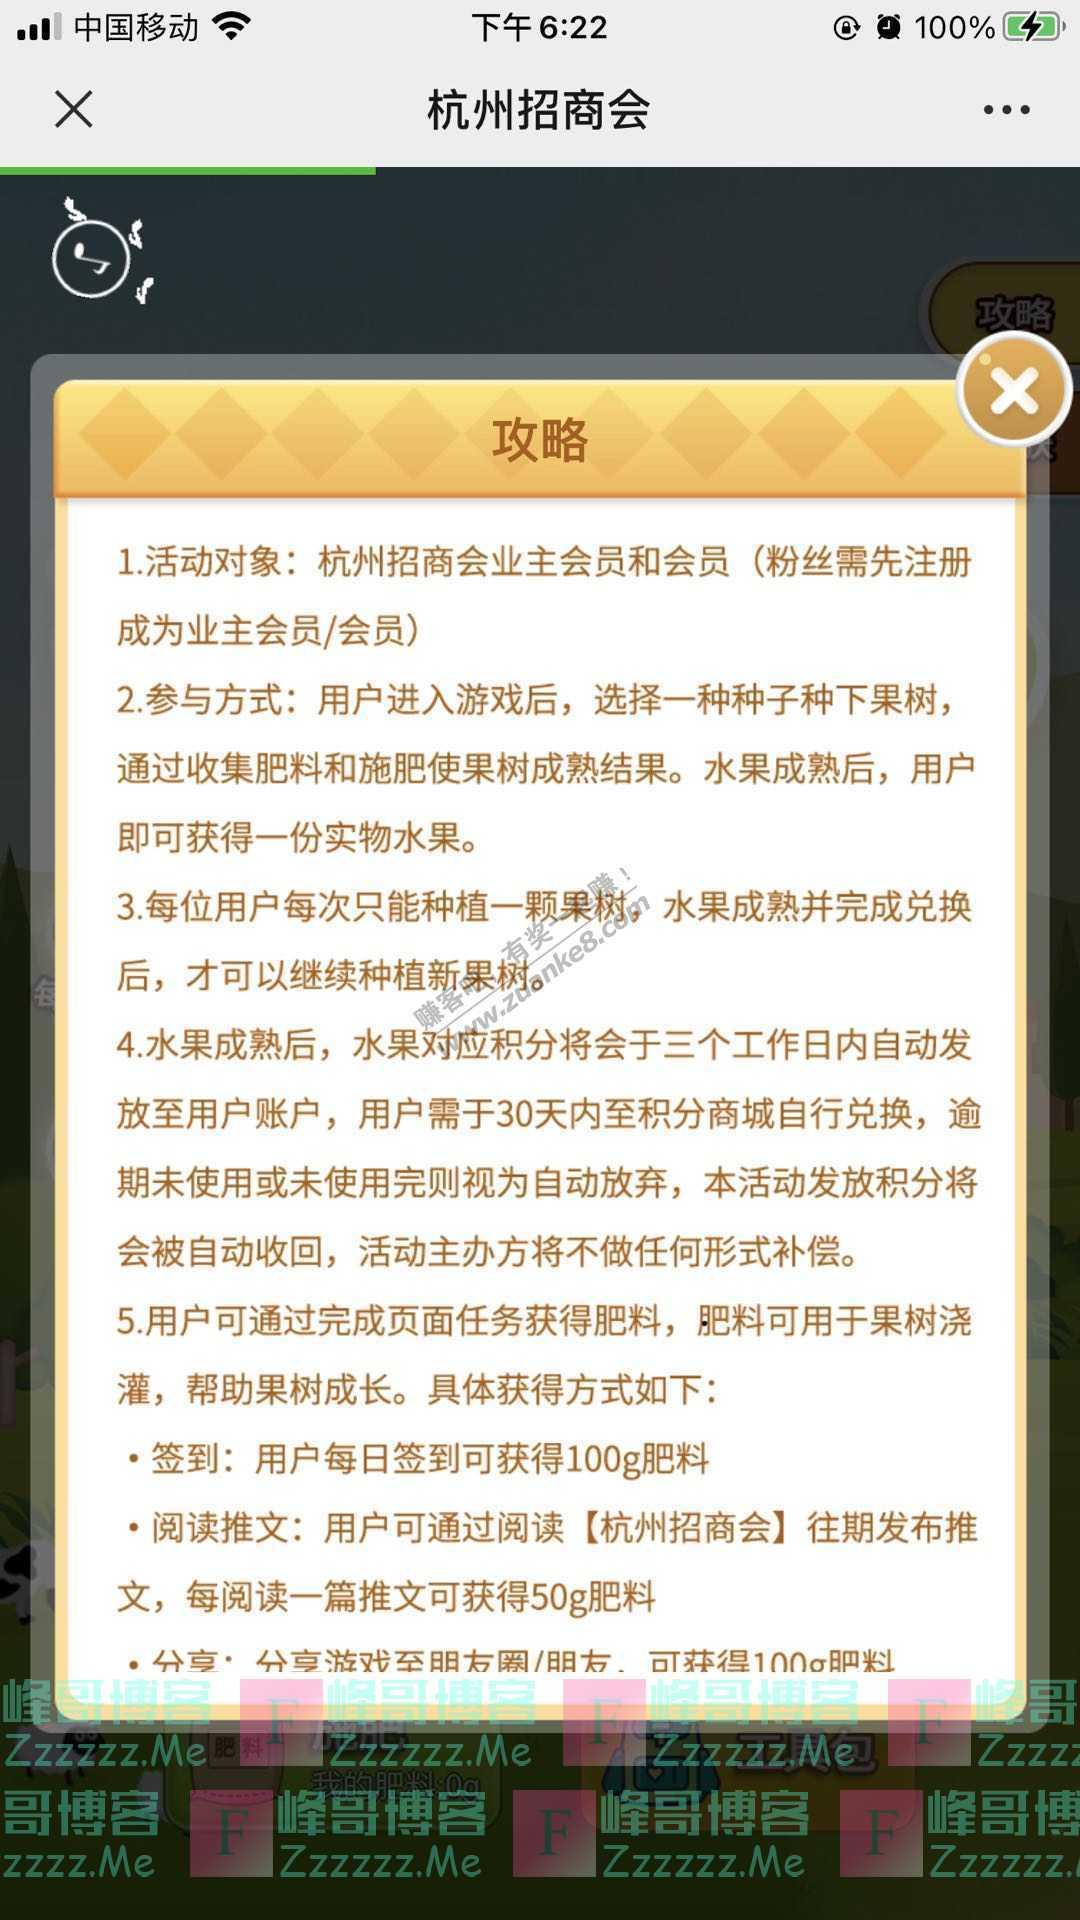 杭州招商会如何拥有云果园?新鲜水果为你包邮到家(截止不详)